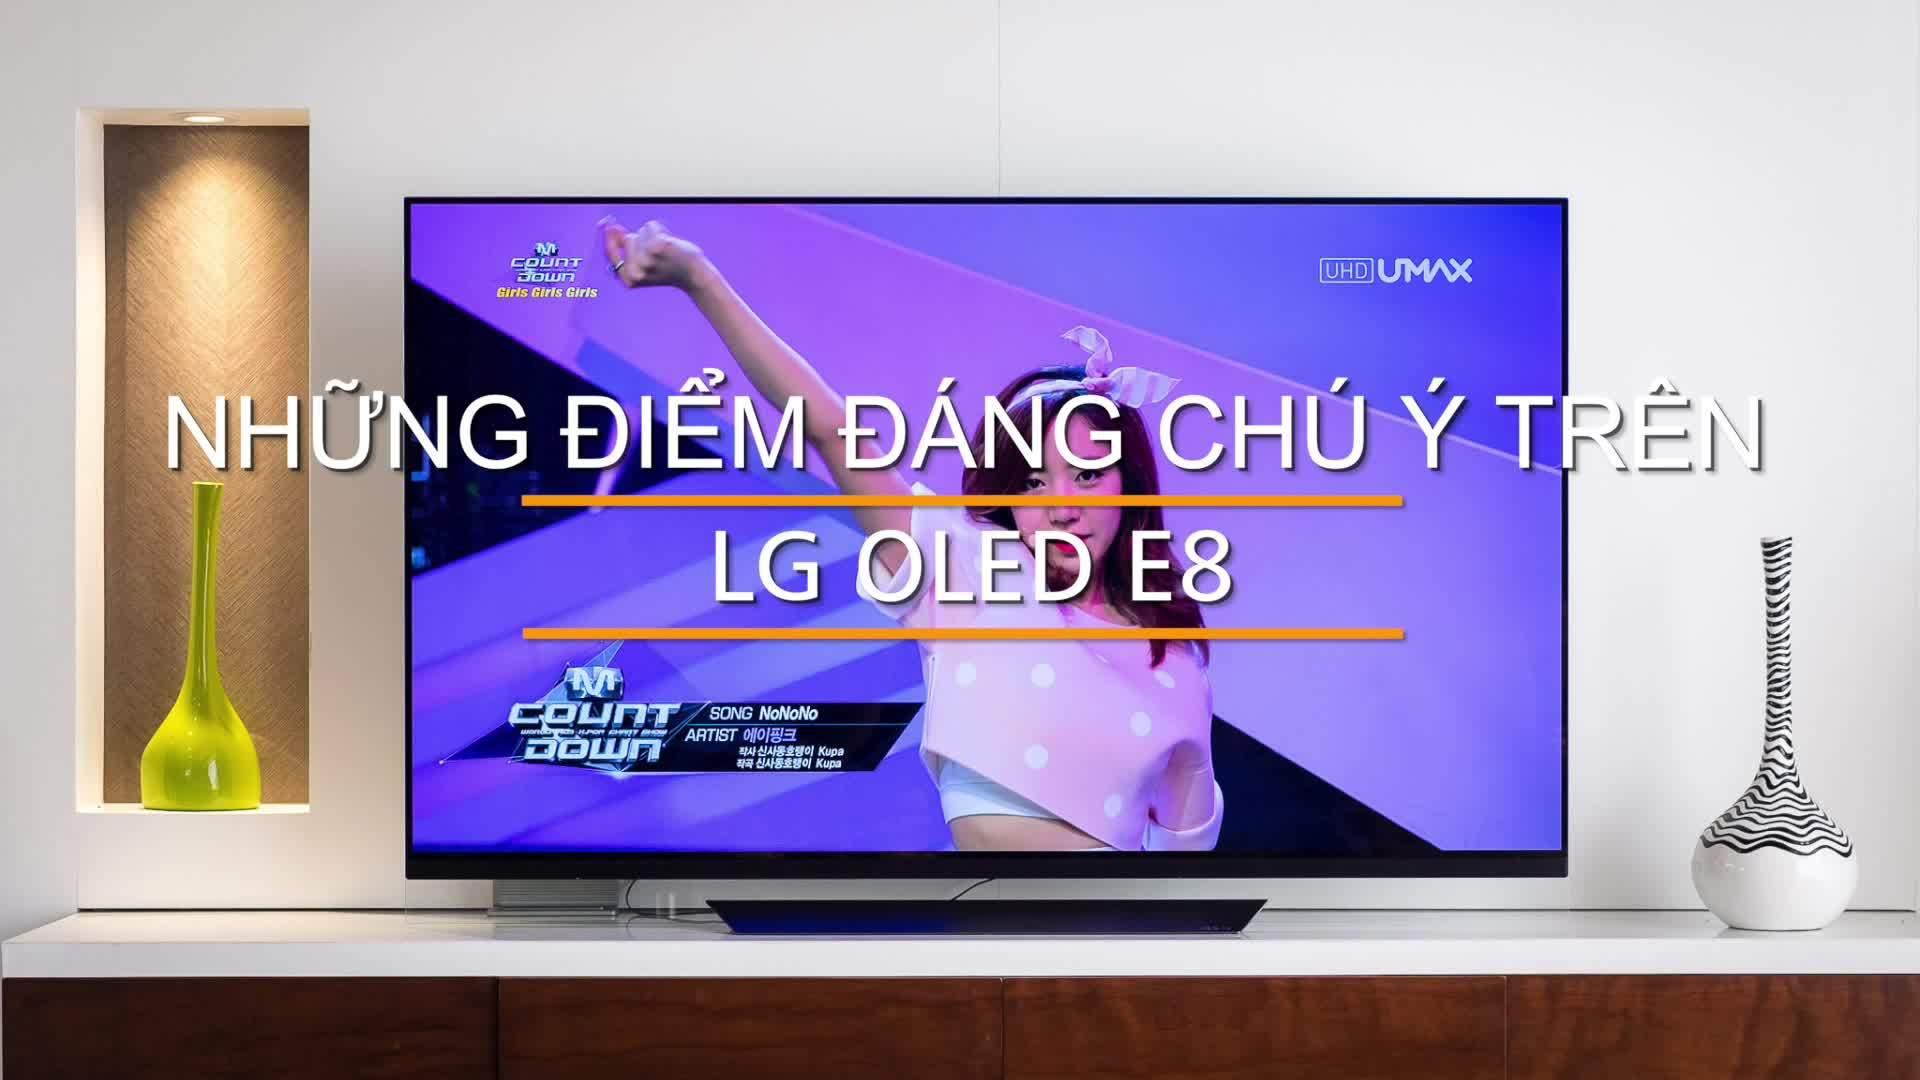 Những điểm đáng chú ý trên LG OLED E8